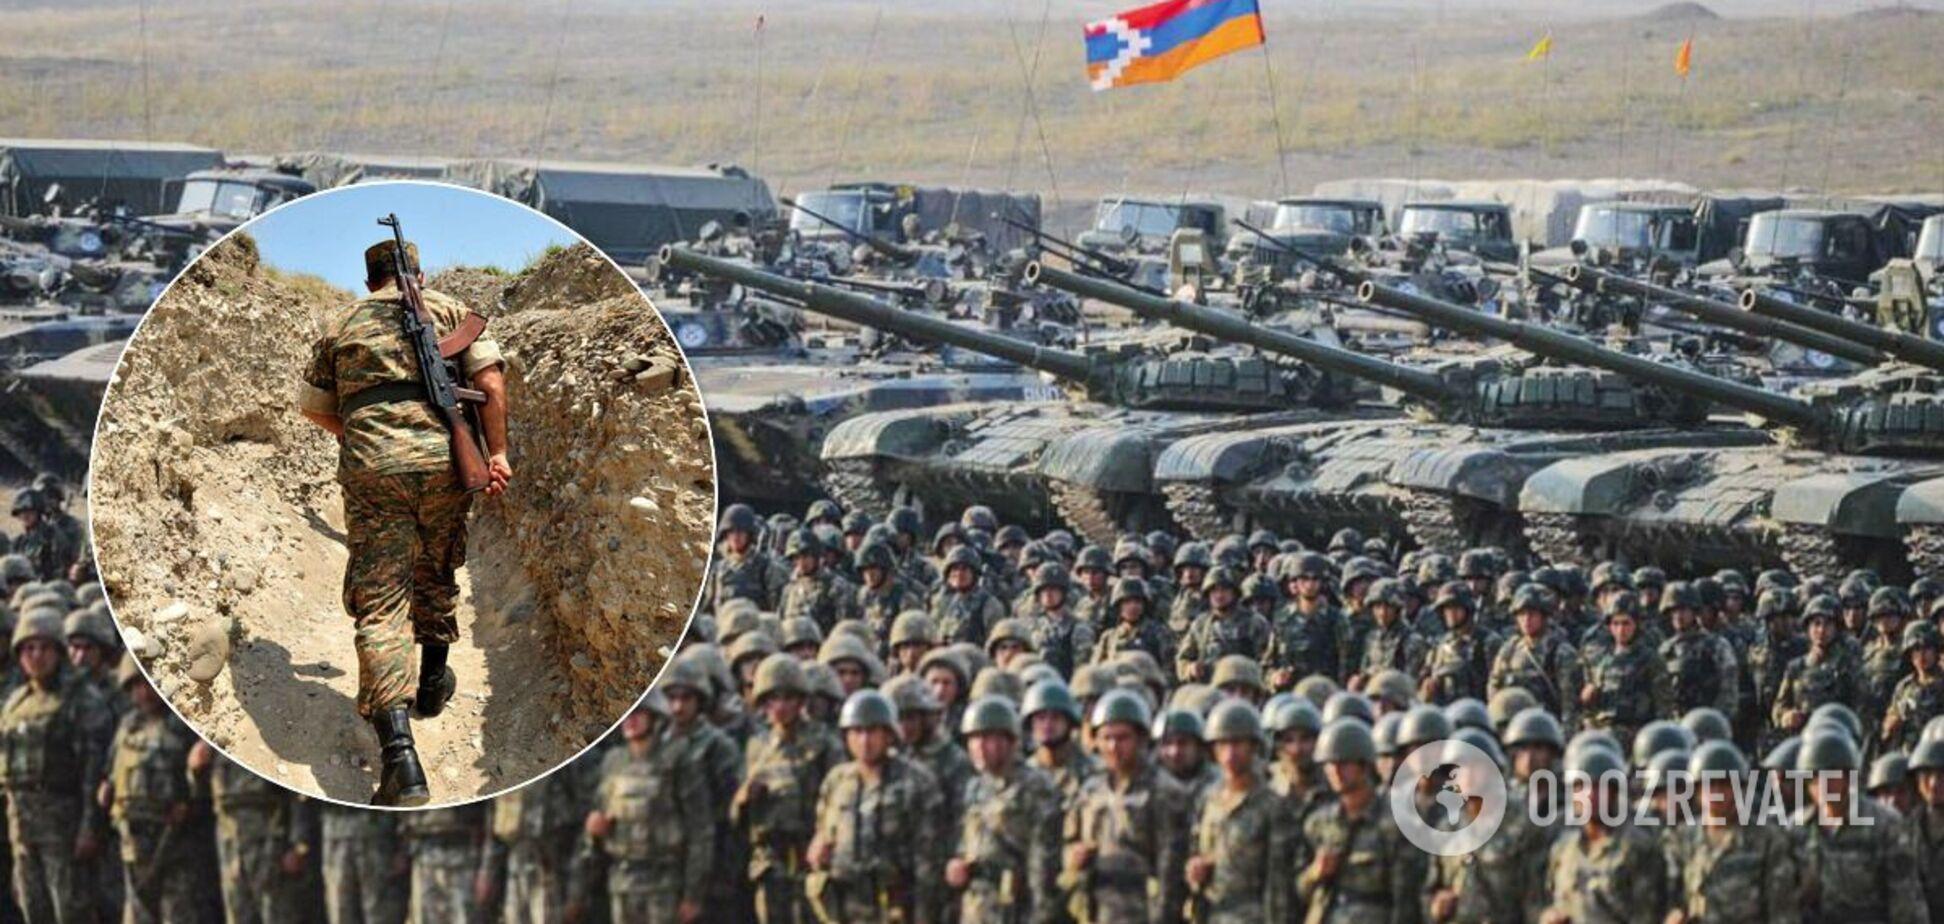 Сражения в Карабахе: Азербайджан разгромил целый полк, а Армения захотела союза